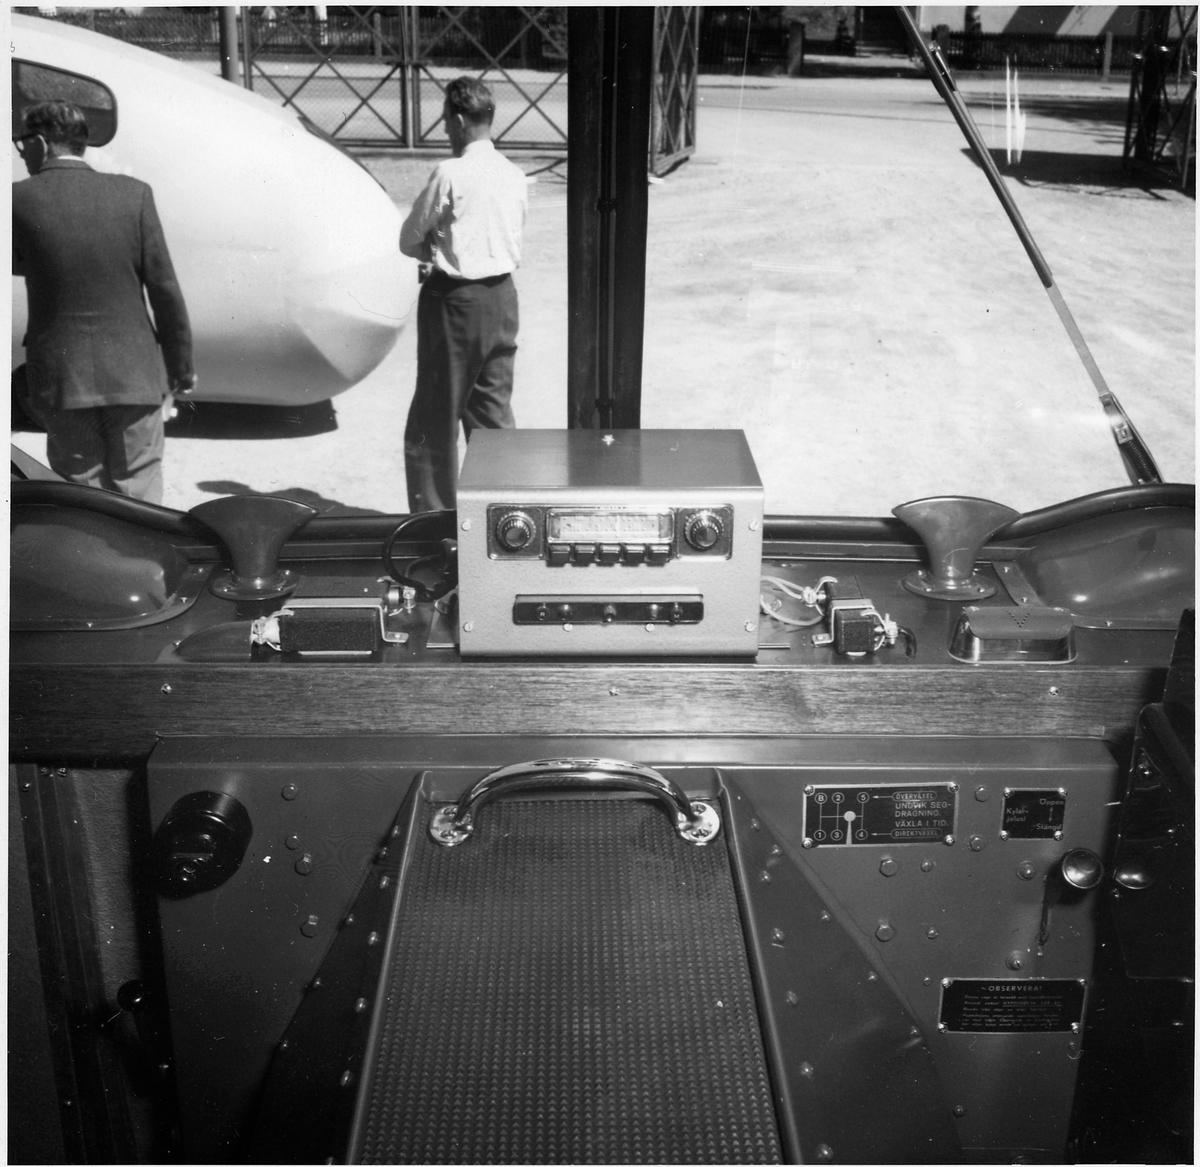 Interiör från en buss med radio.